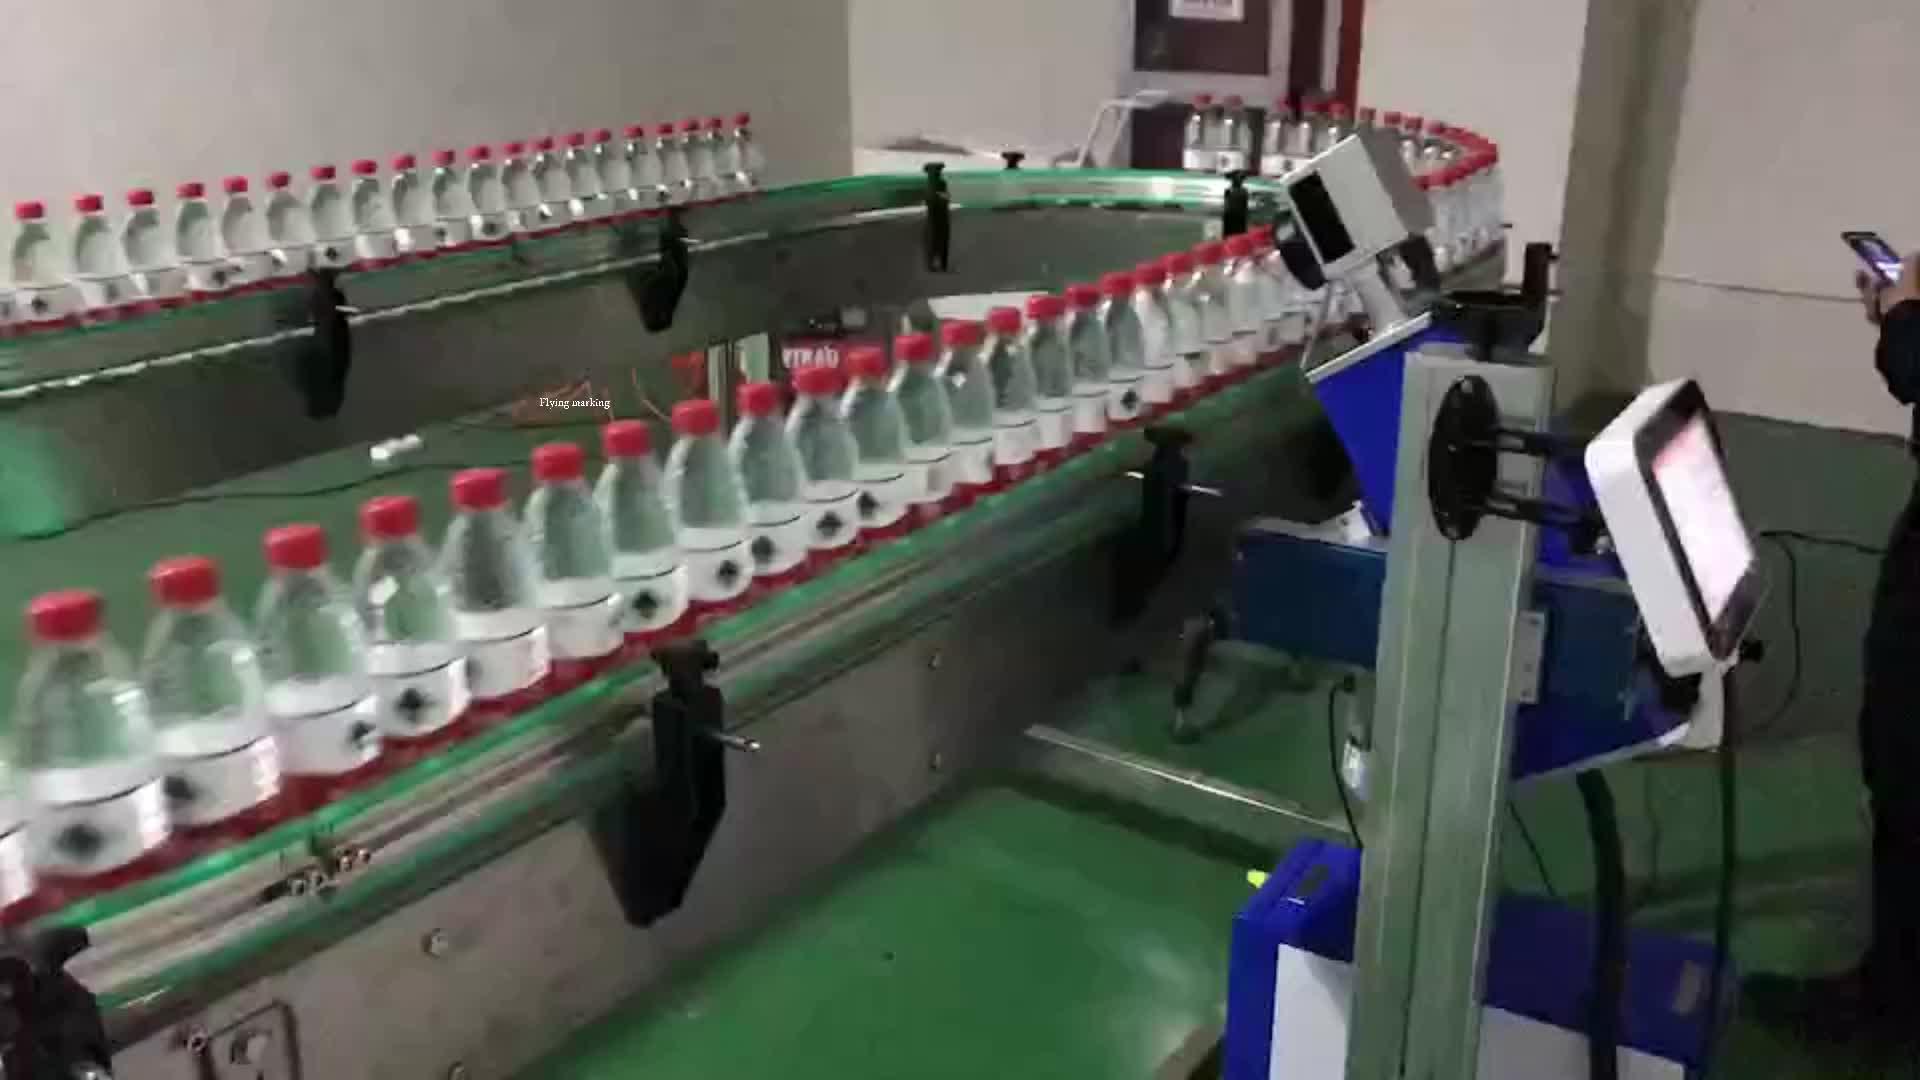 30 w Fiber laser Datum Printer voor Plastic Fles Vliegen Markering op Lijn